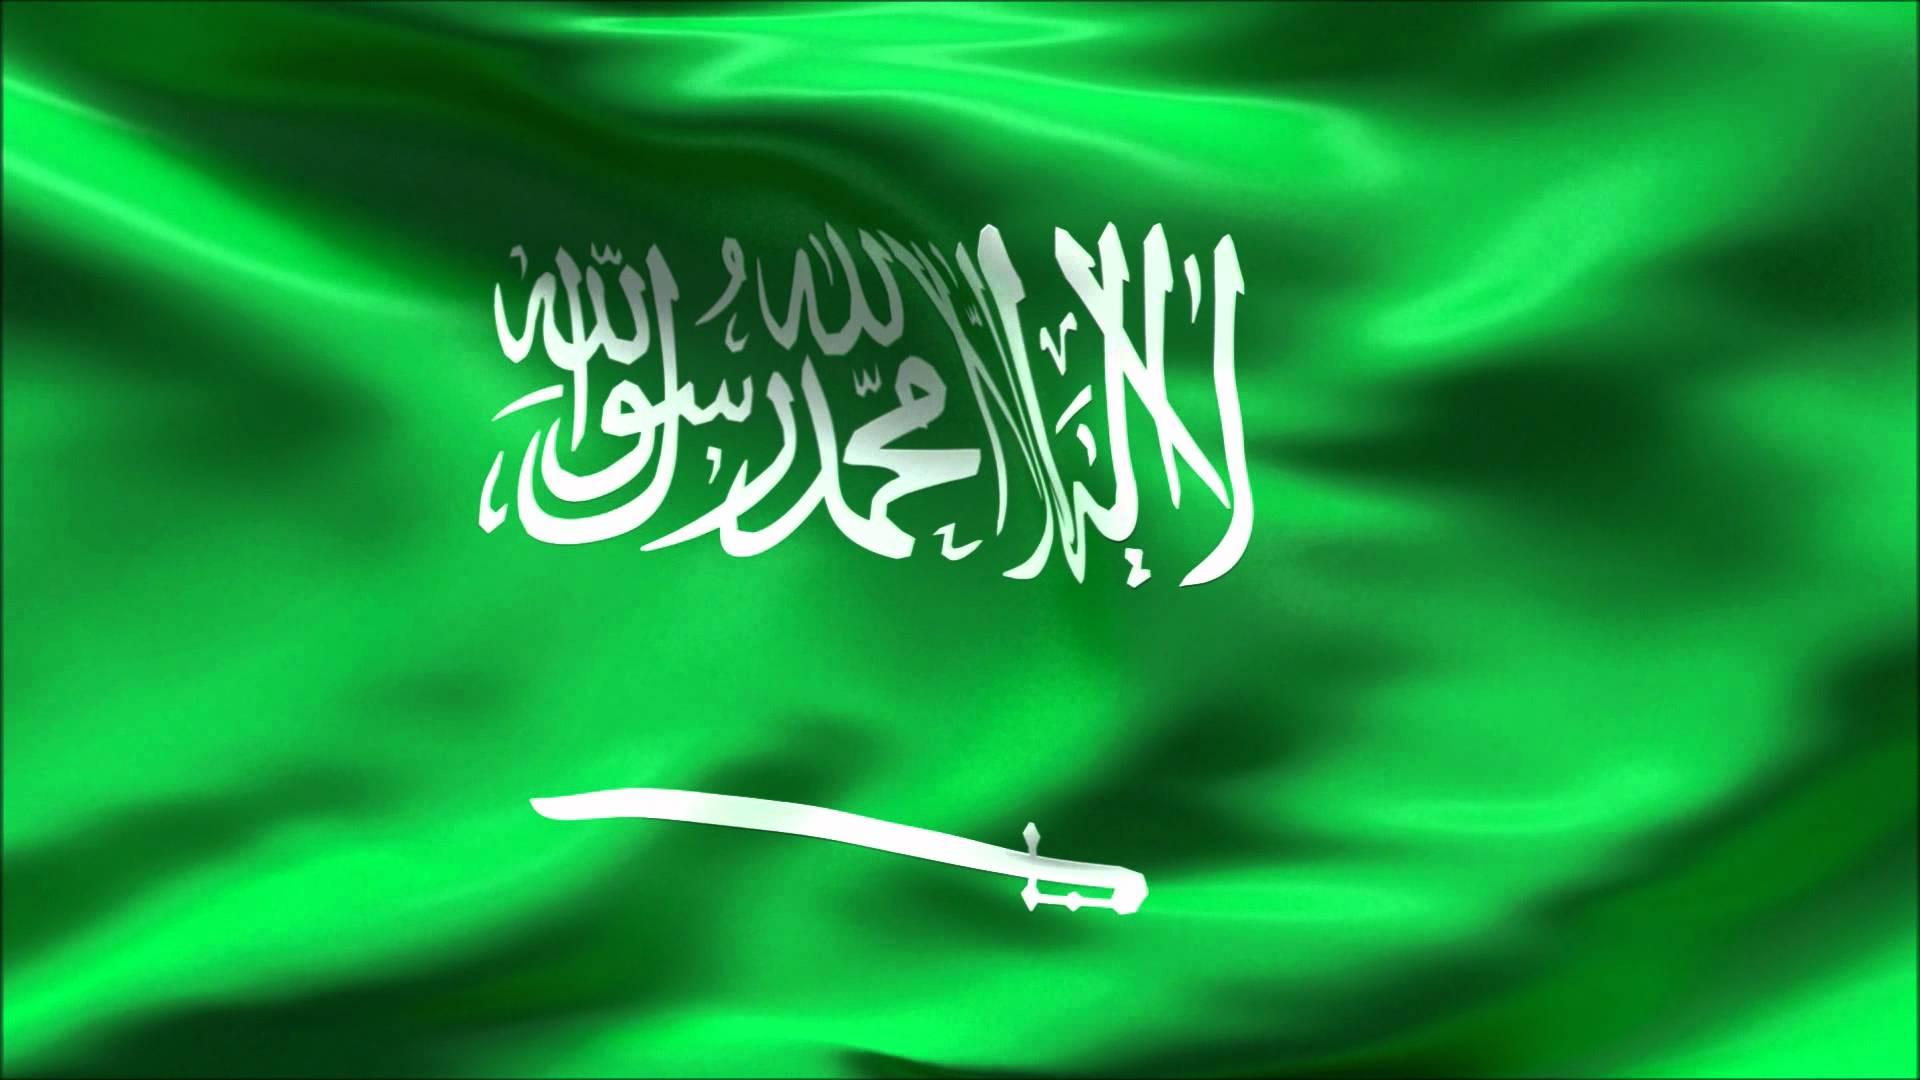 بالصور صور علم السعوديه , احدث صور لعلم دولة السعودية 3268 7